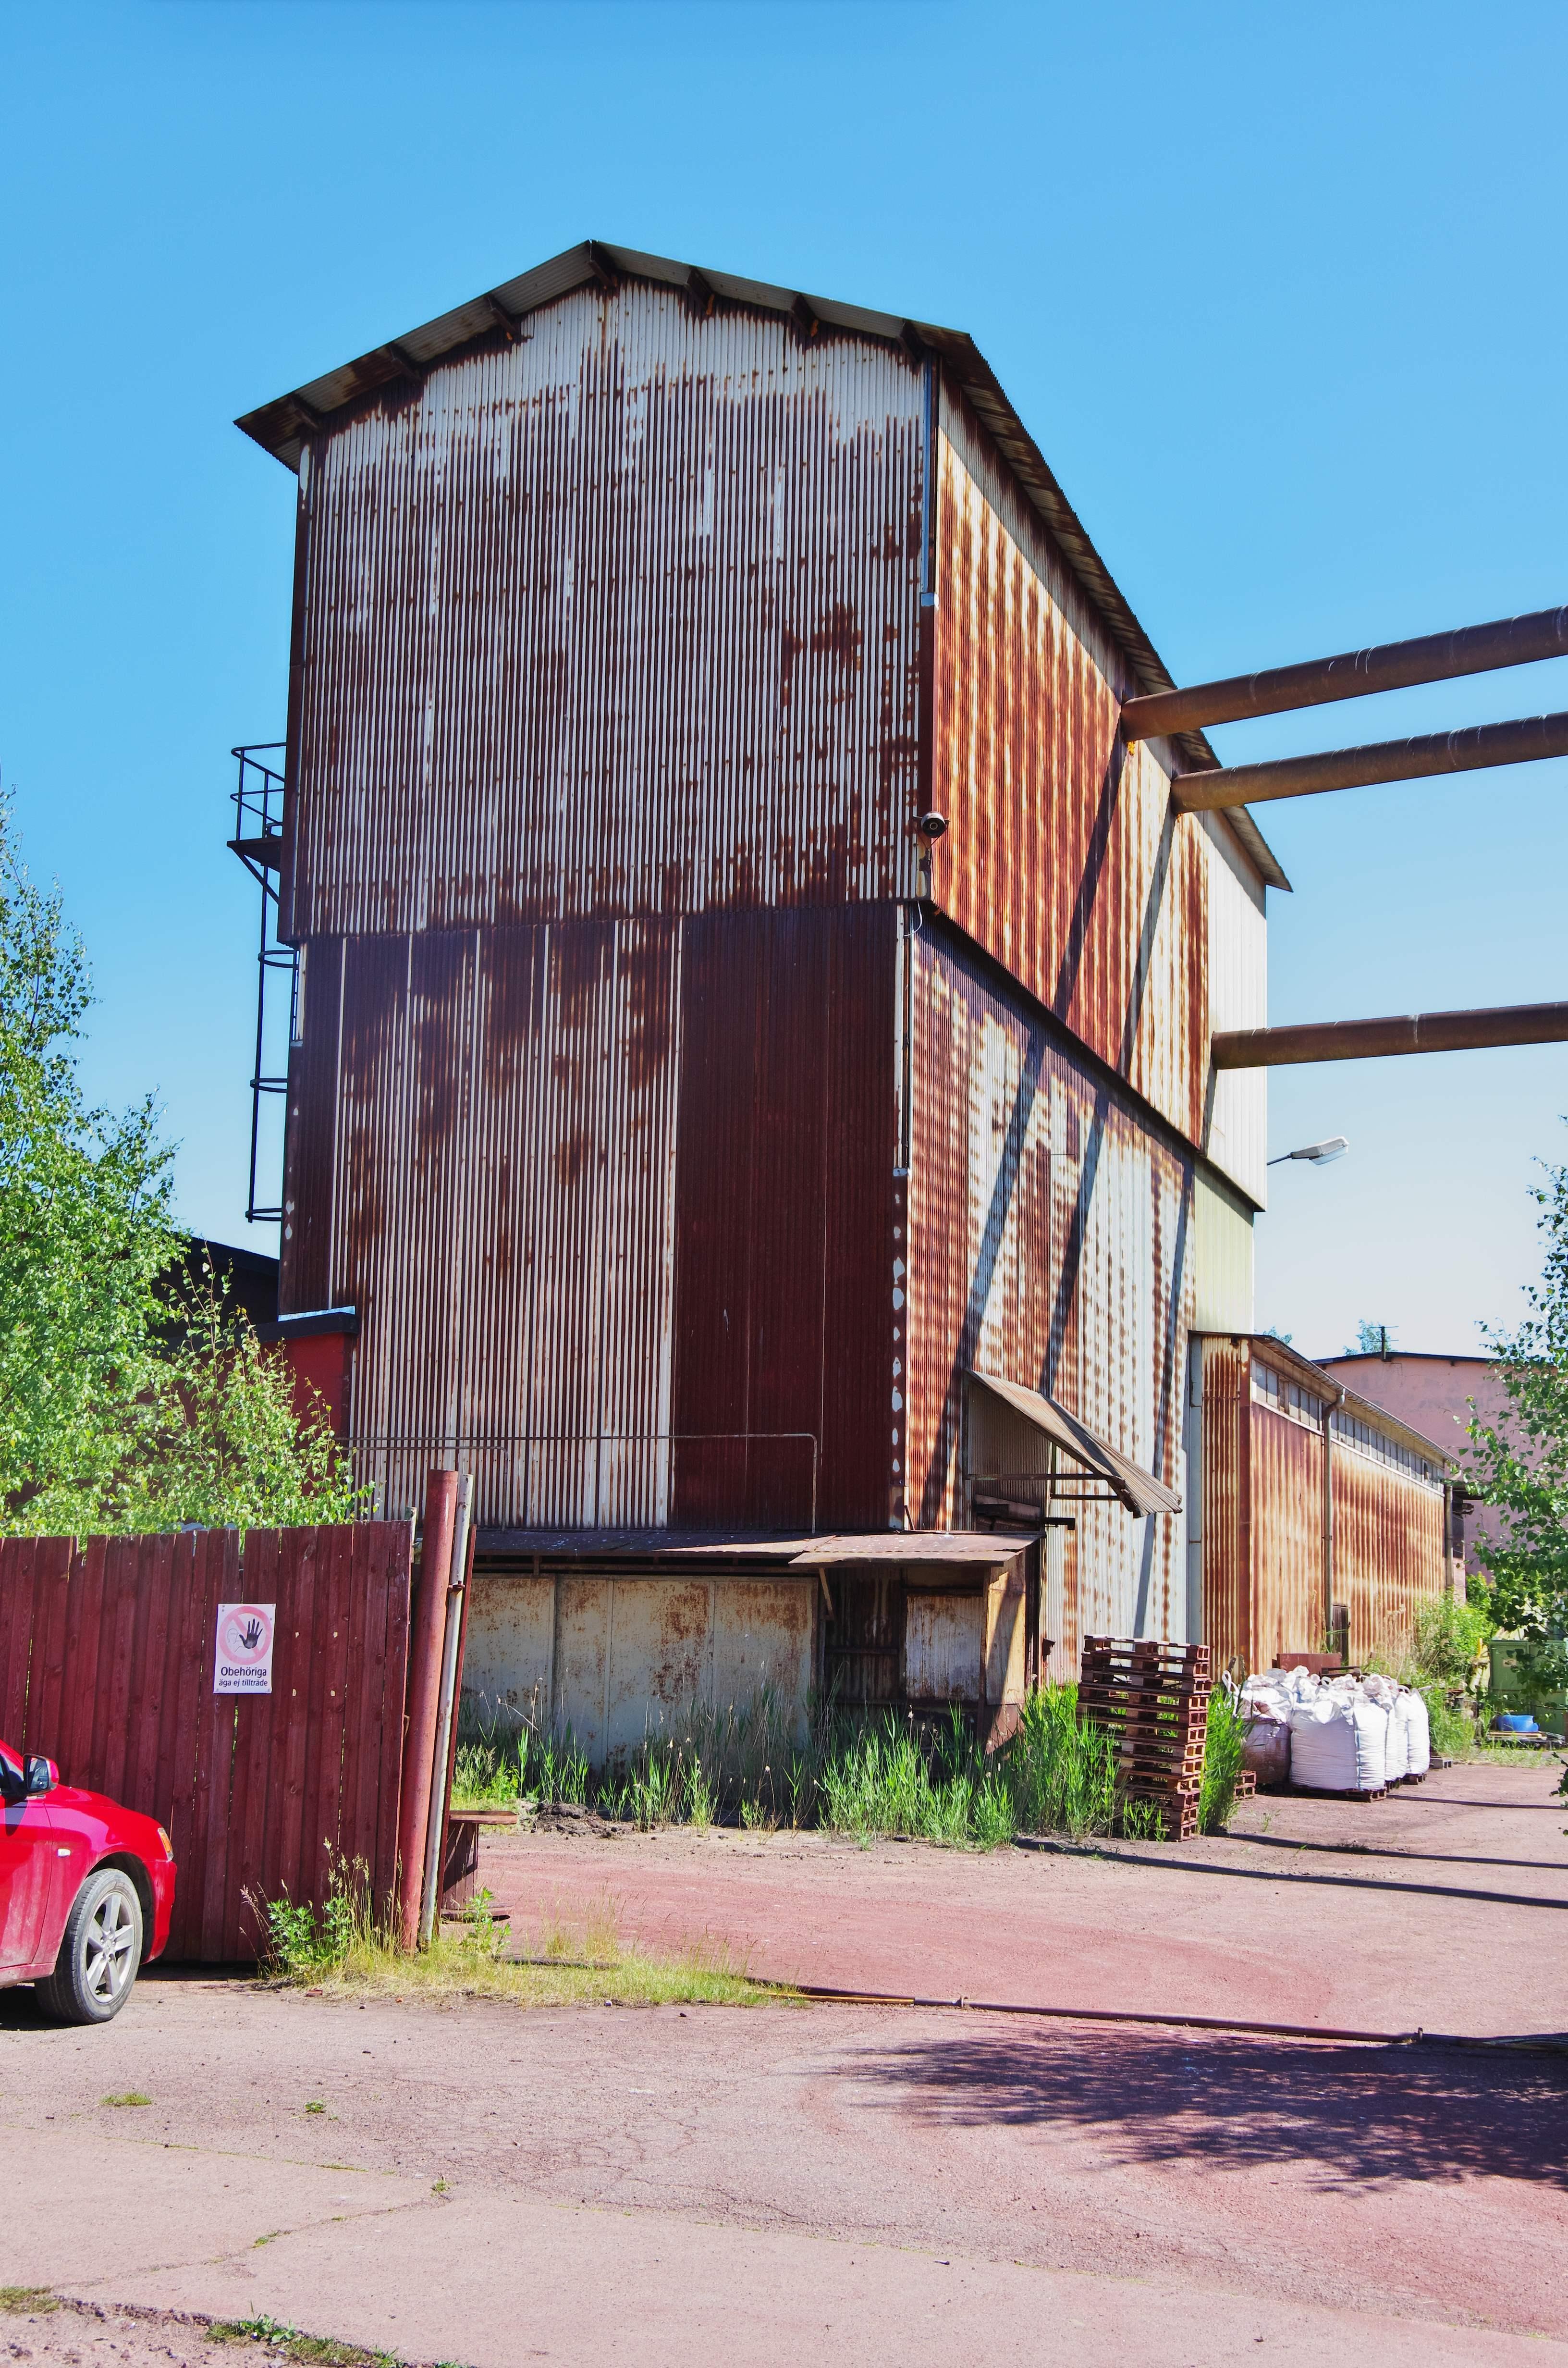 Västra Götaland County - Wikipedia